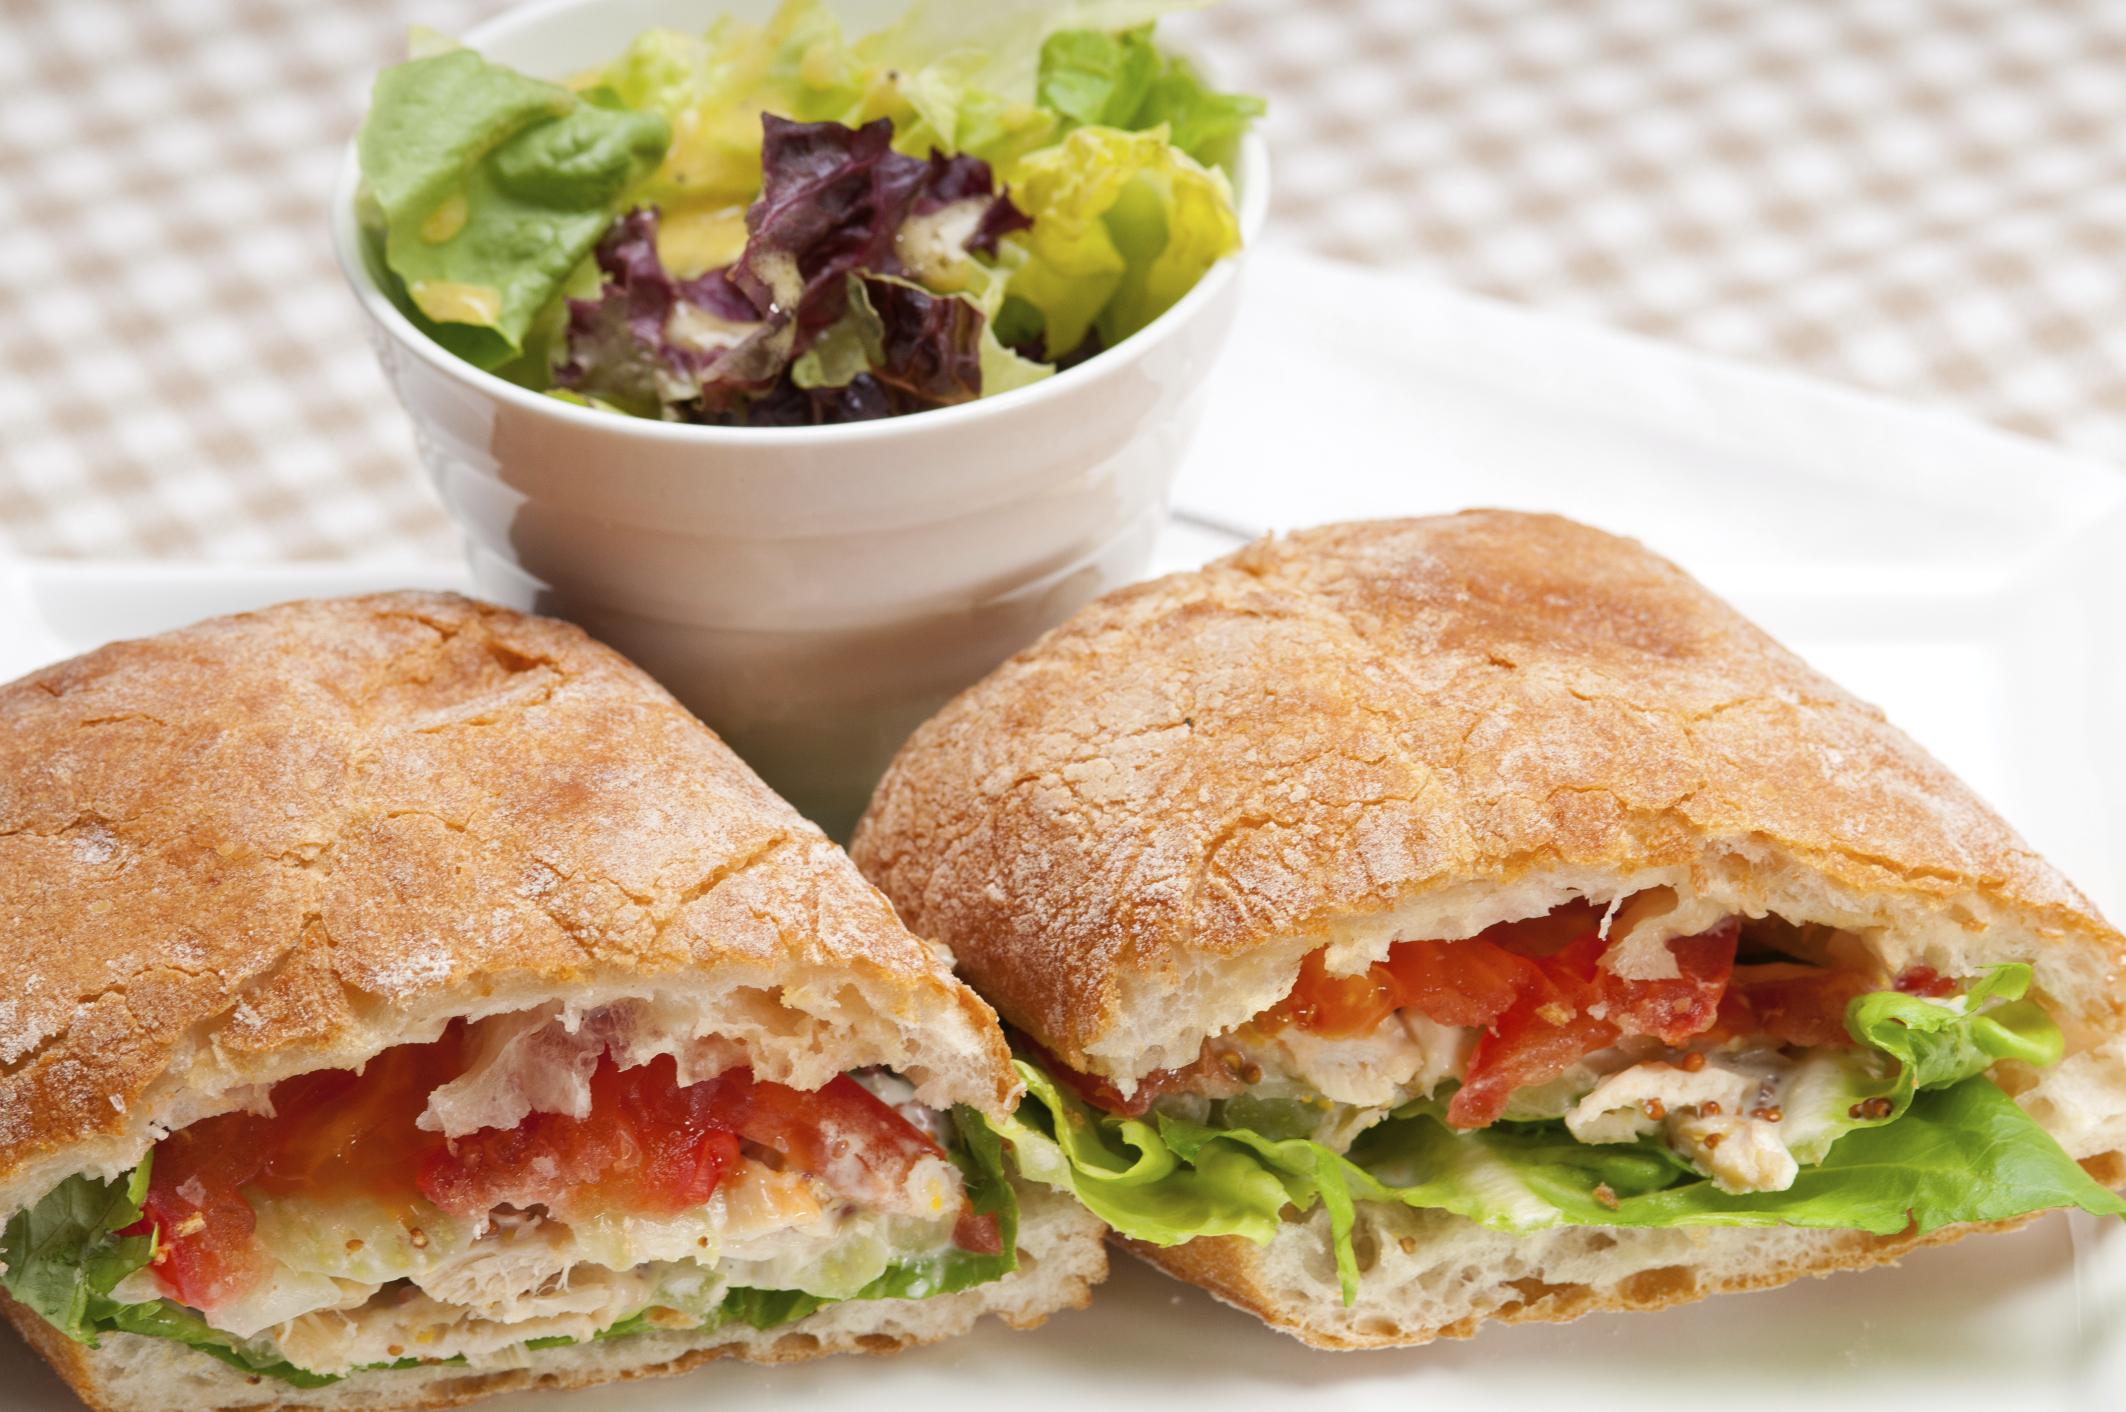 Sándwich de pollo y vegetales